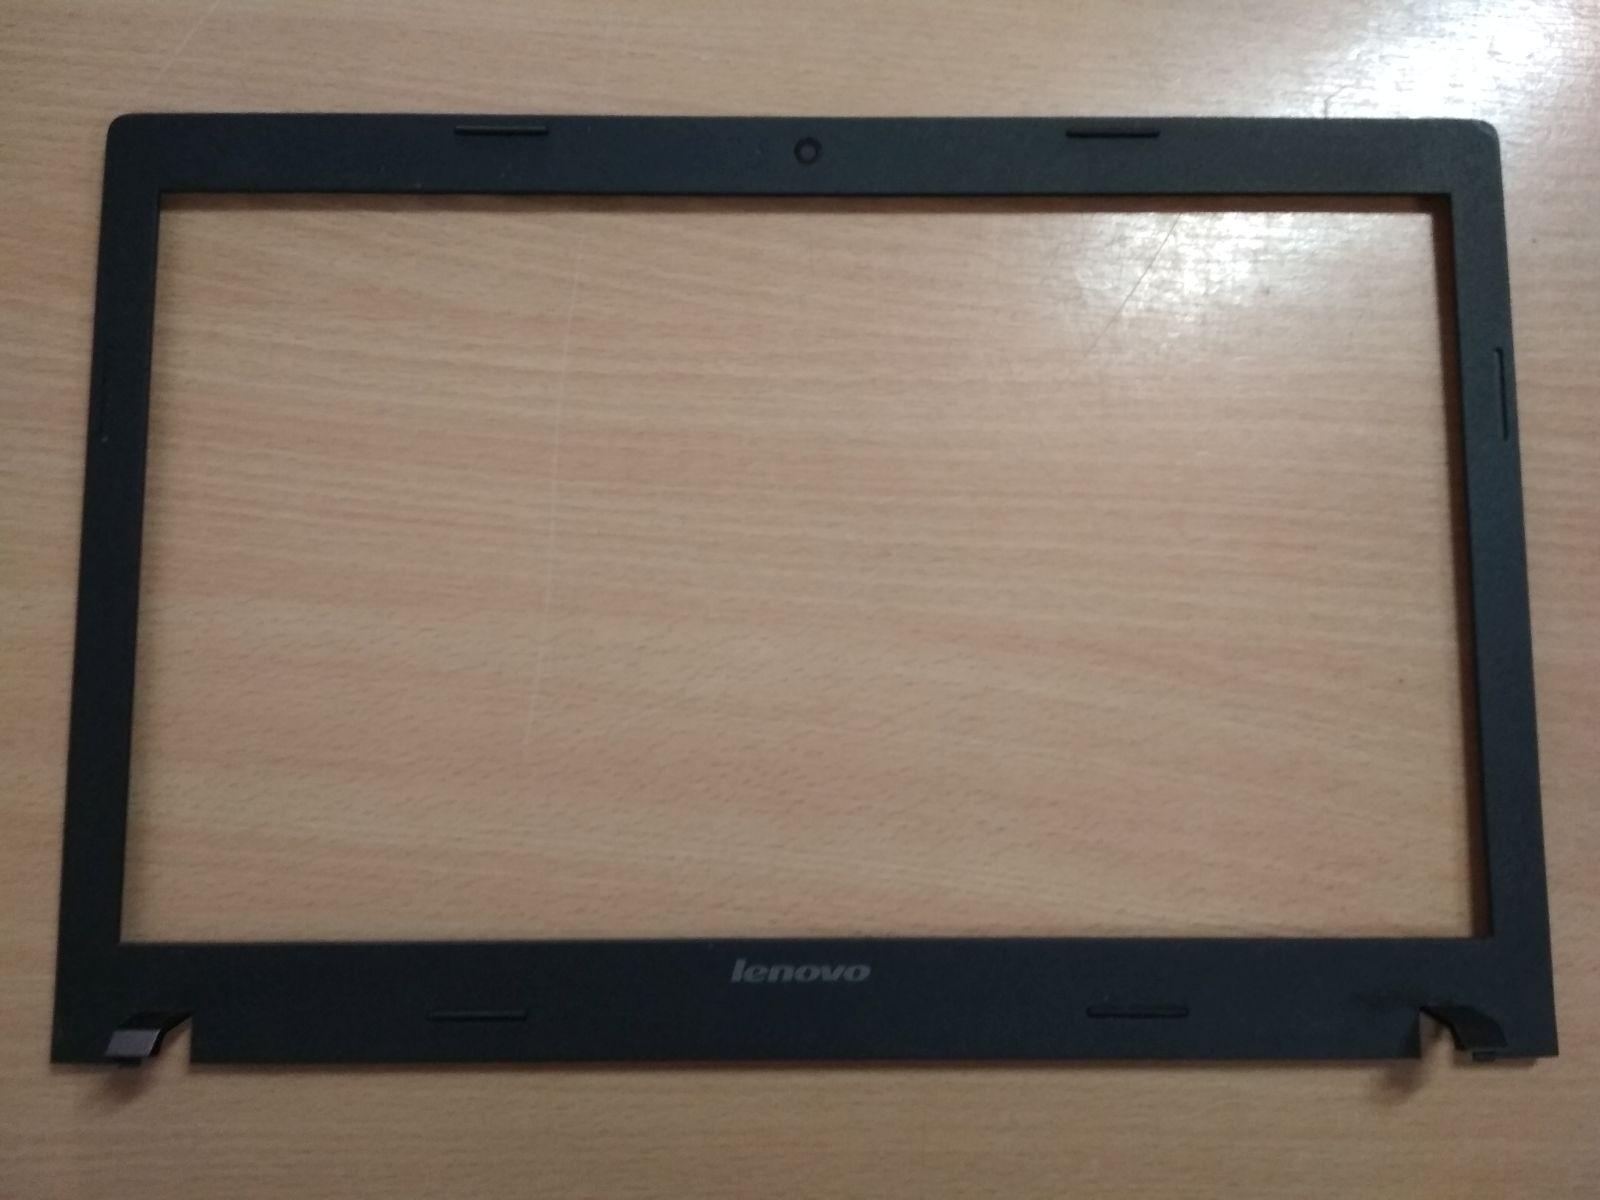 Lenovo IdeaPad G500 G505 G510 AP0Y0000200 LCD első keret használt 1 hó gar!